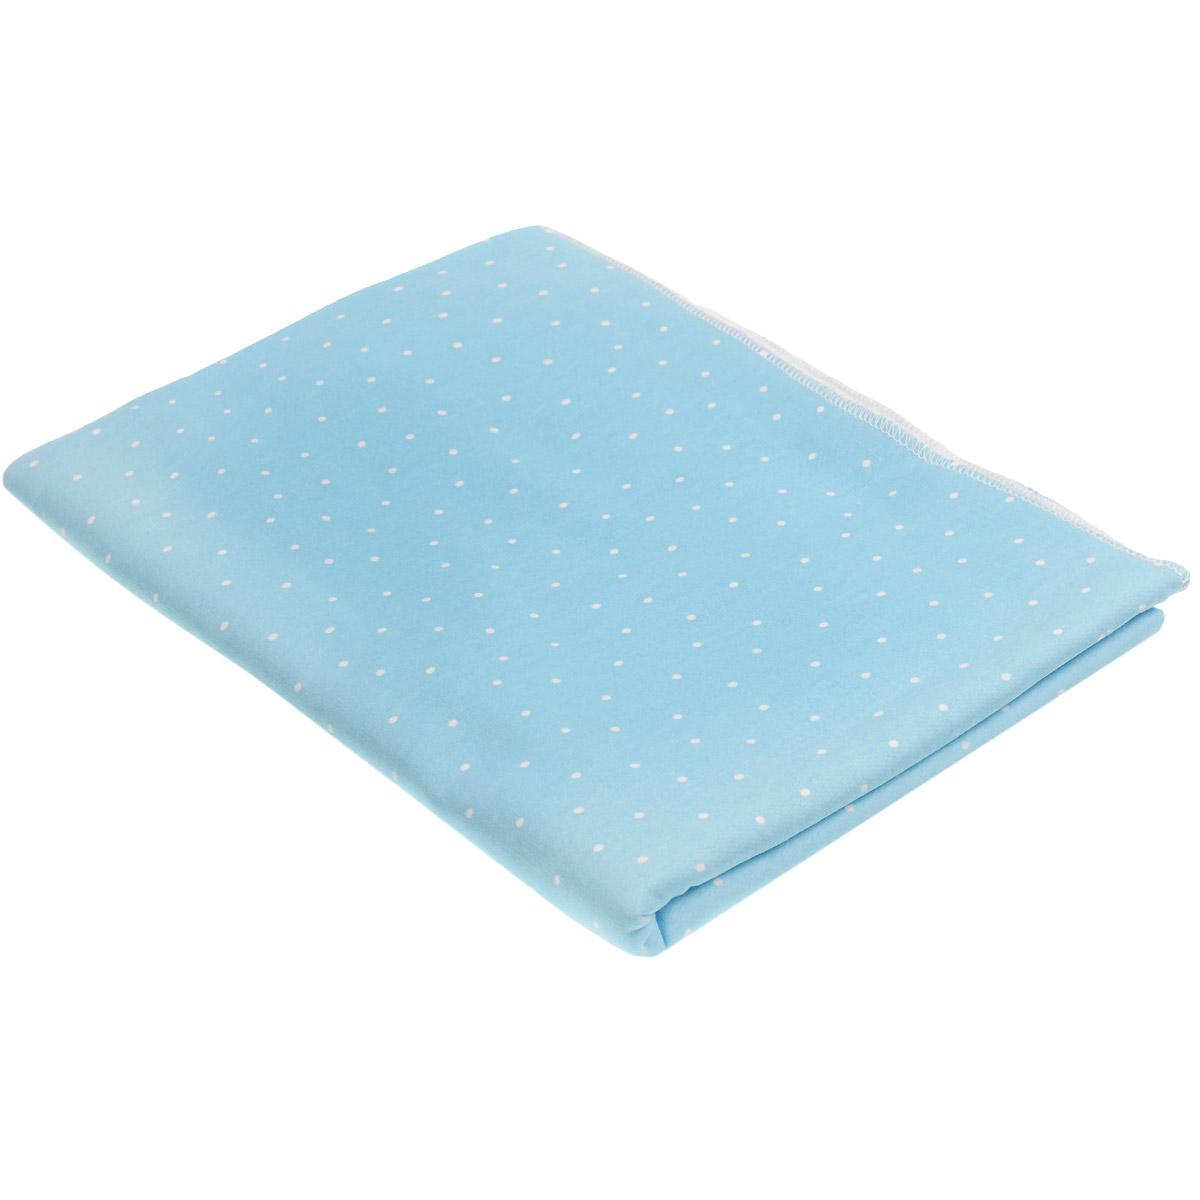 Пеленка трикотажная Трон-плюс, цвет: голубой, белый, 120 см х 90 см5411 гол горДетская пеленка Трон-Плюс подходит для пеленания ребенка с самого рождения. Она невероятно мягкая и нежная на ощупь. Пеленка выполнена из футера - натурального трикотажного материала из хлопка, гладкого с внешней стороны, мягкого и нежного с внутренней. Такая ткань прекрасно пропускает воздух, она гипоаллергенна, не раздражает чувствительную кожу ребенка, почти не мнется и не теряет формы после стирки. Мягкая ткань укутывает малыша с необычайной нежностью. Пеленку также можно использовать как легкое одеяло в жаркую погоду, простынку, полотенце после купания, накидку для кормления грудью или солнцезащитный козырек. Ее размер подходит для пеленания даже крупного малыша.